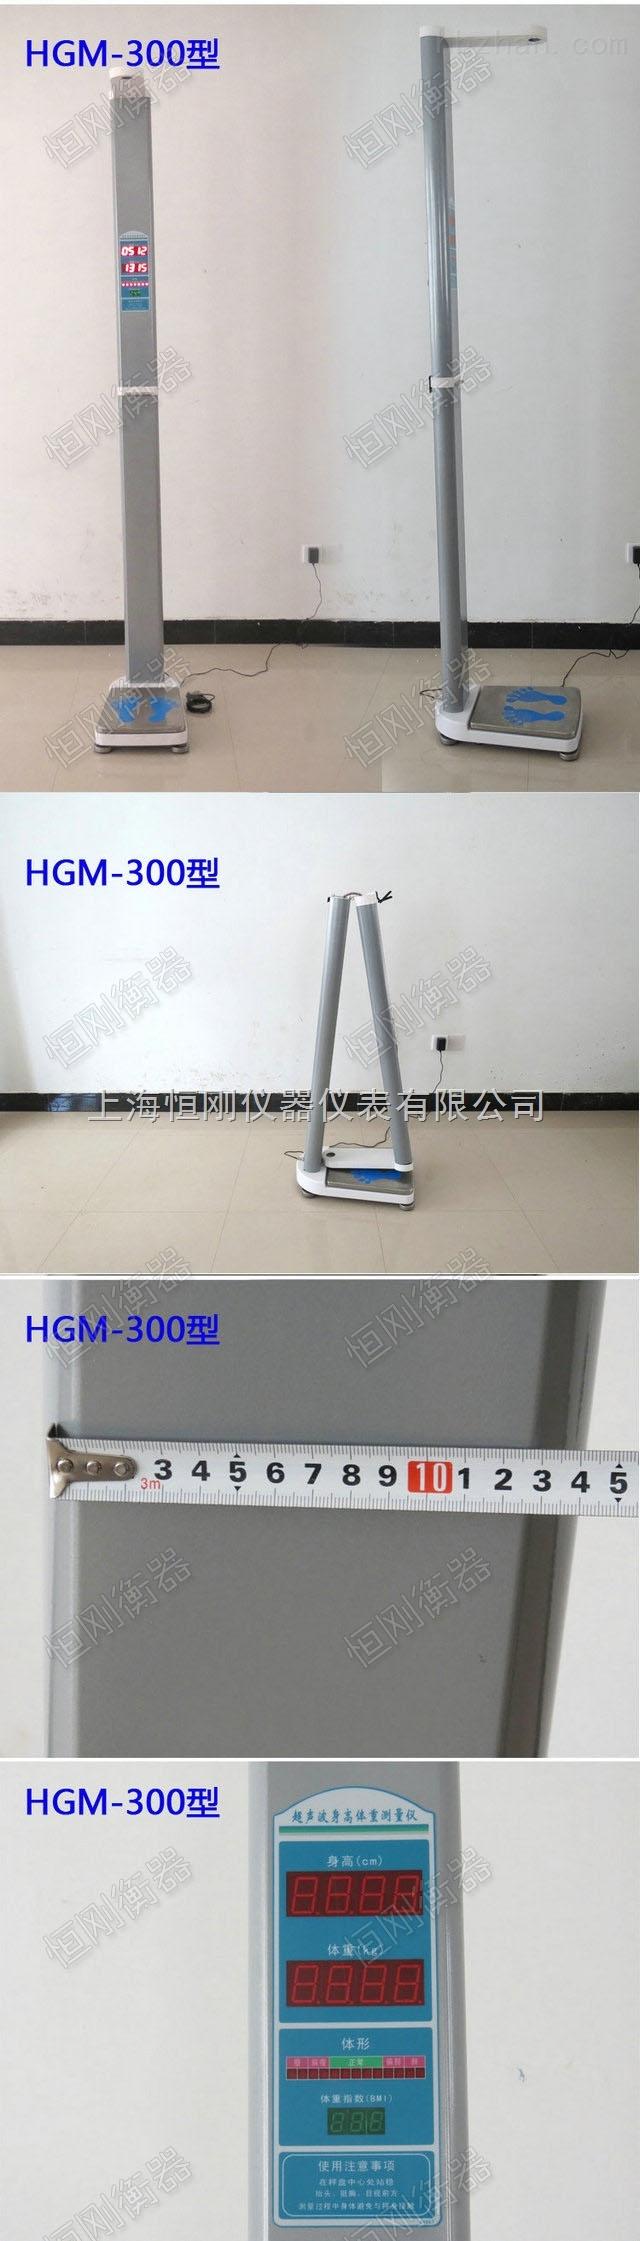 超声波身高体重测量仪好品质